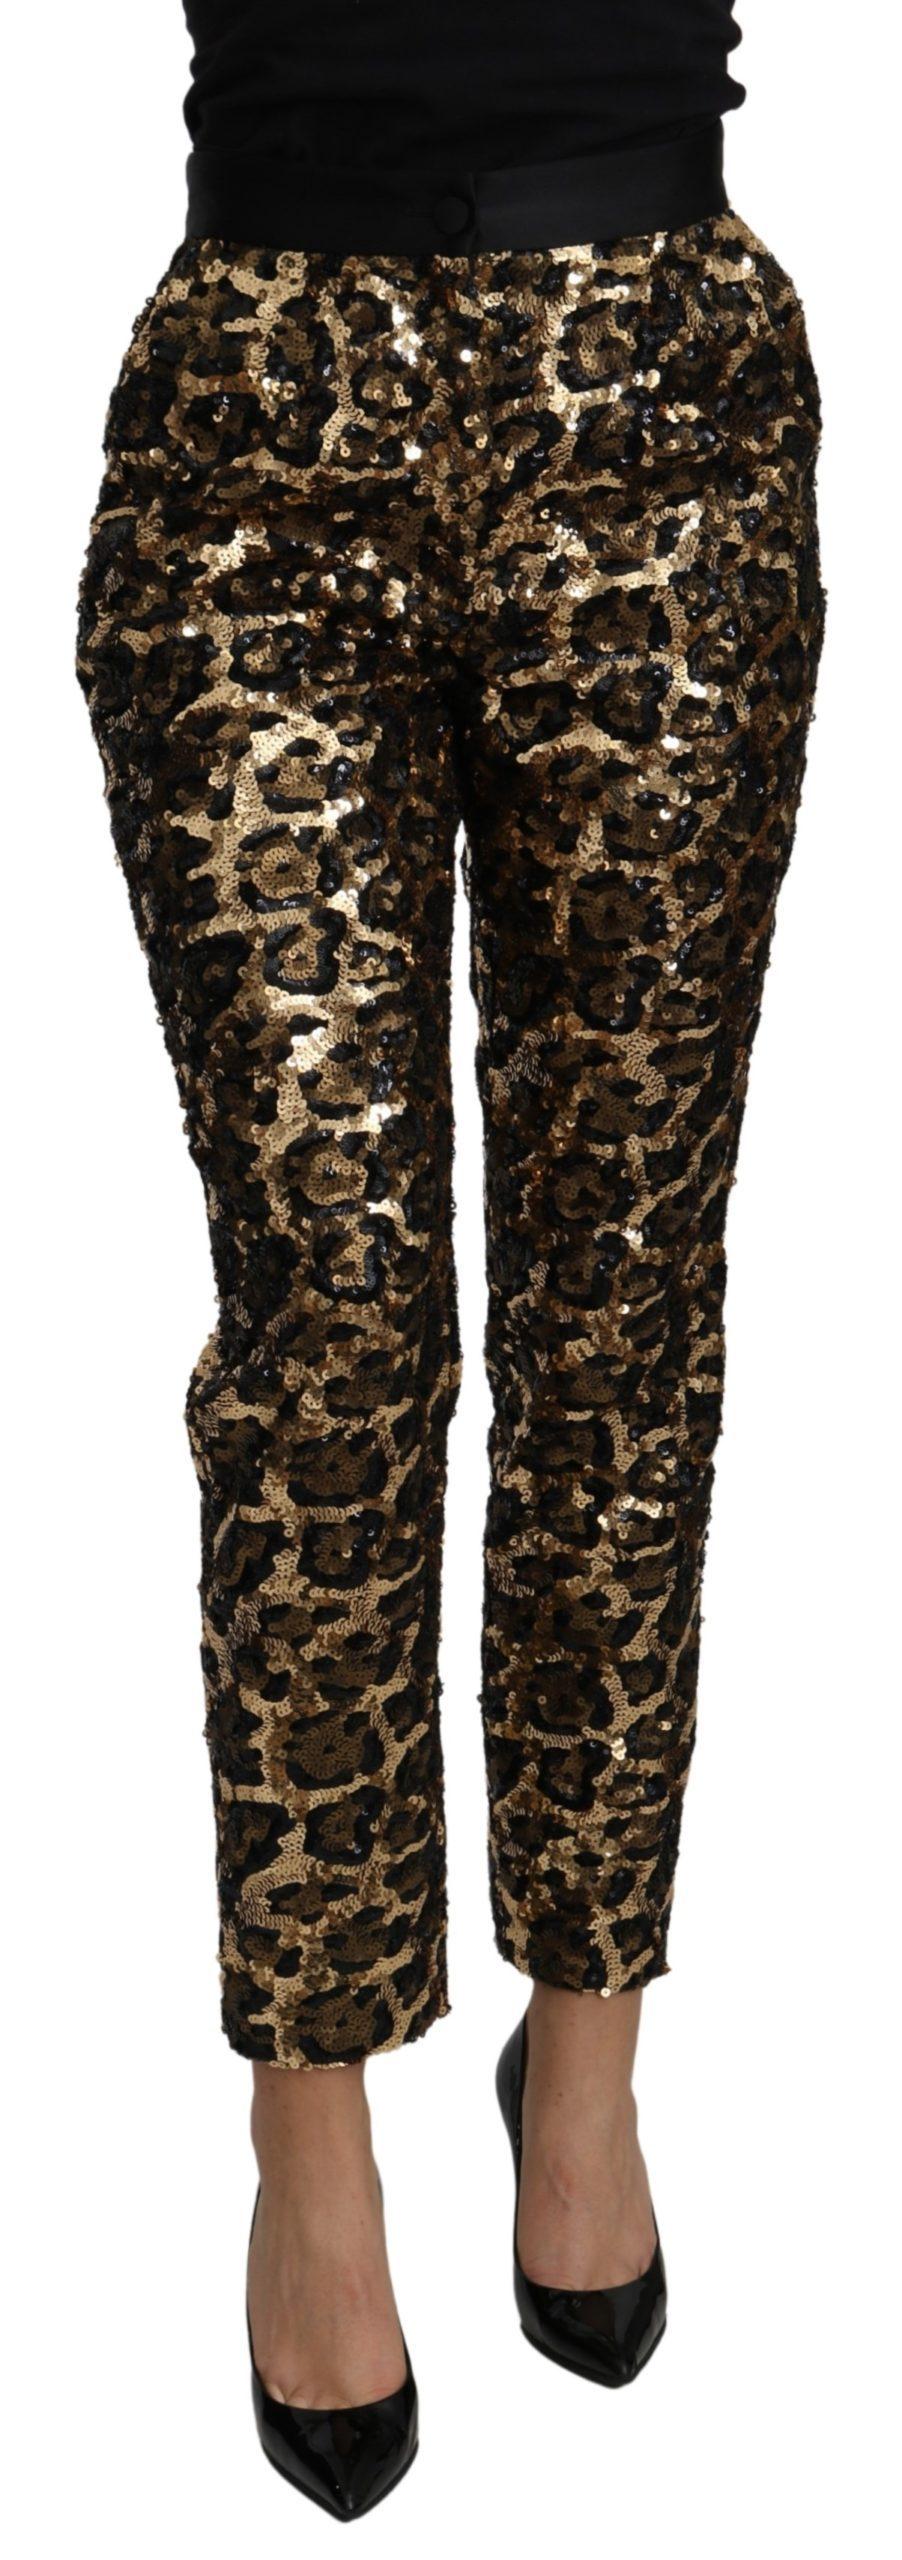 Dolce & Gabbana Women's Leopard High Waist Trouser Gold PAN71089 - IT40|S